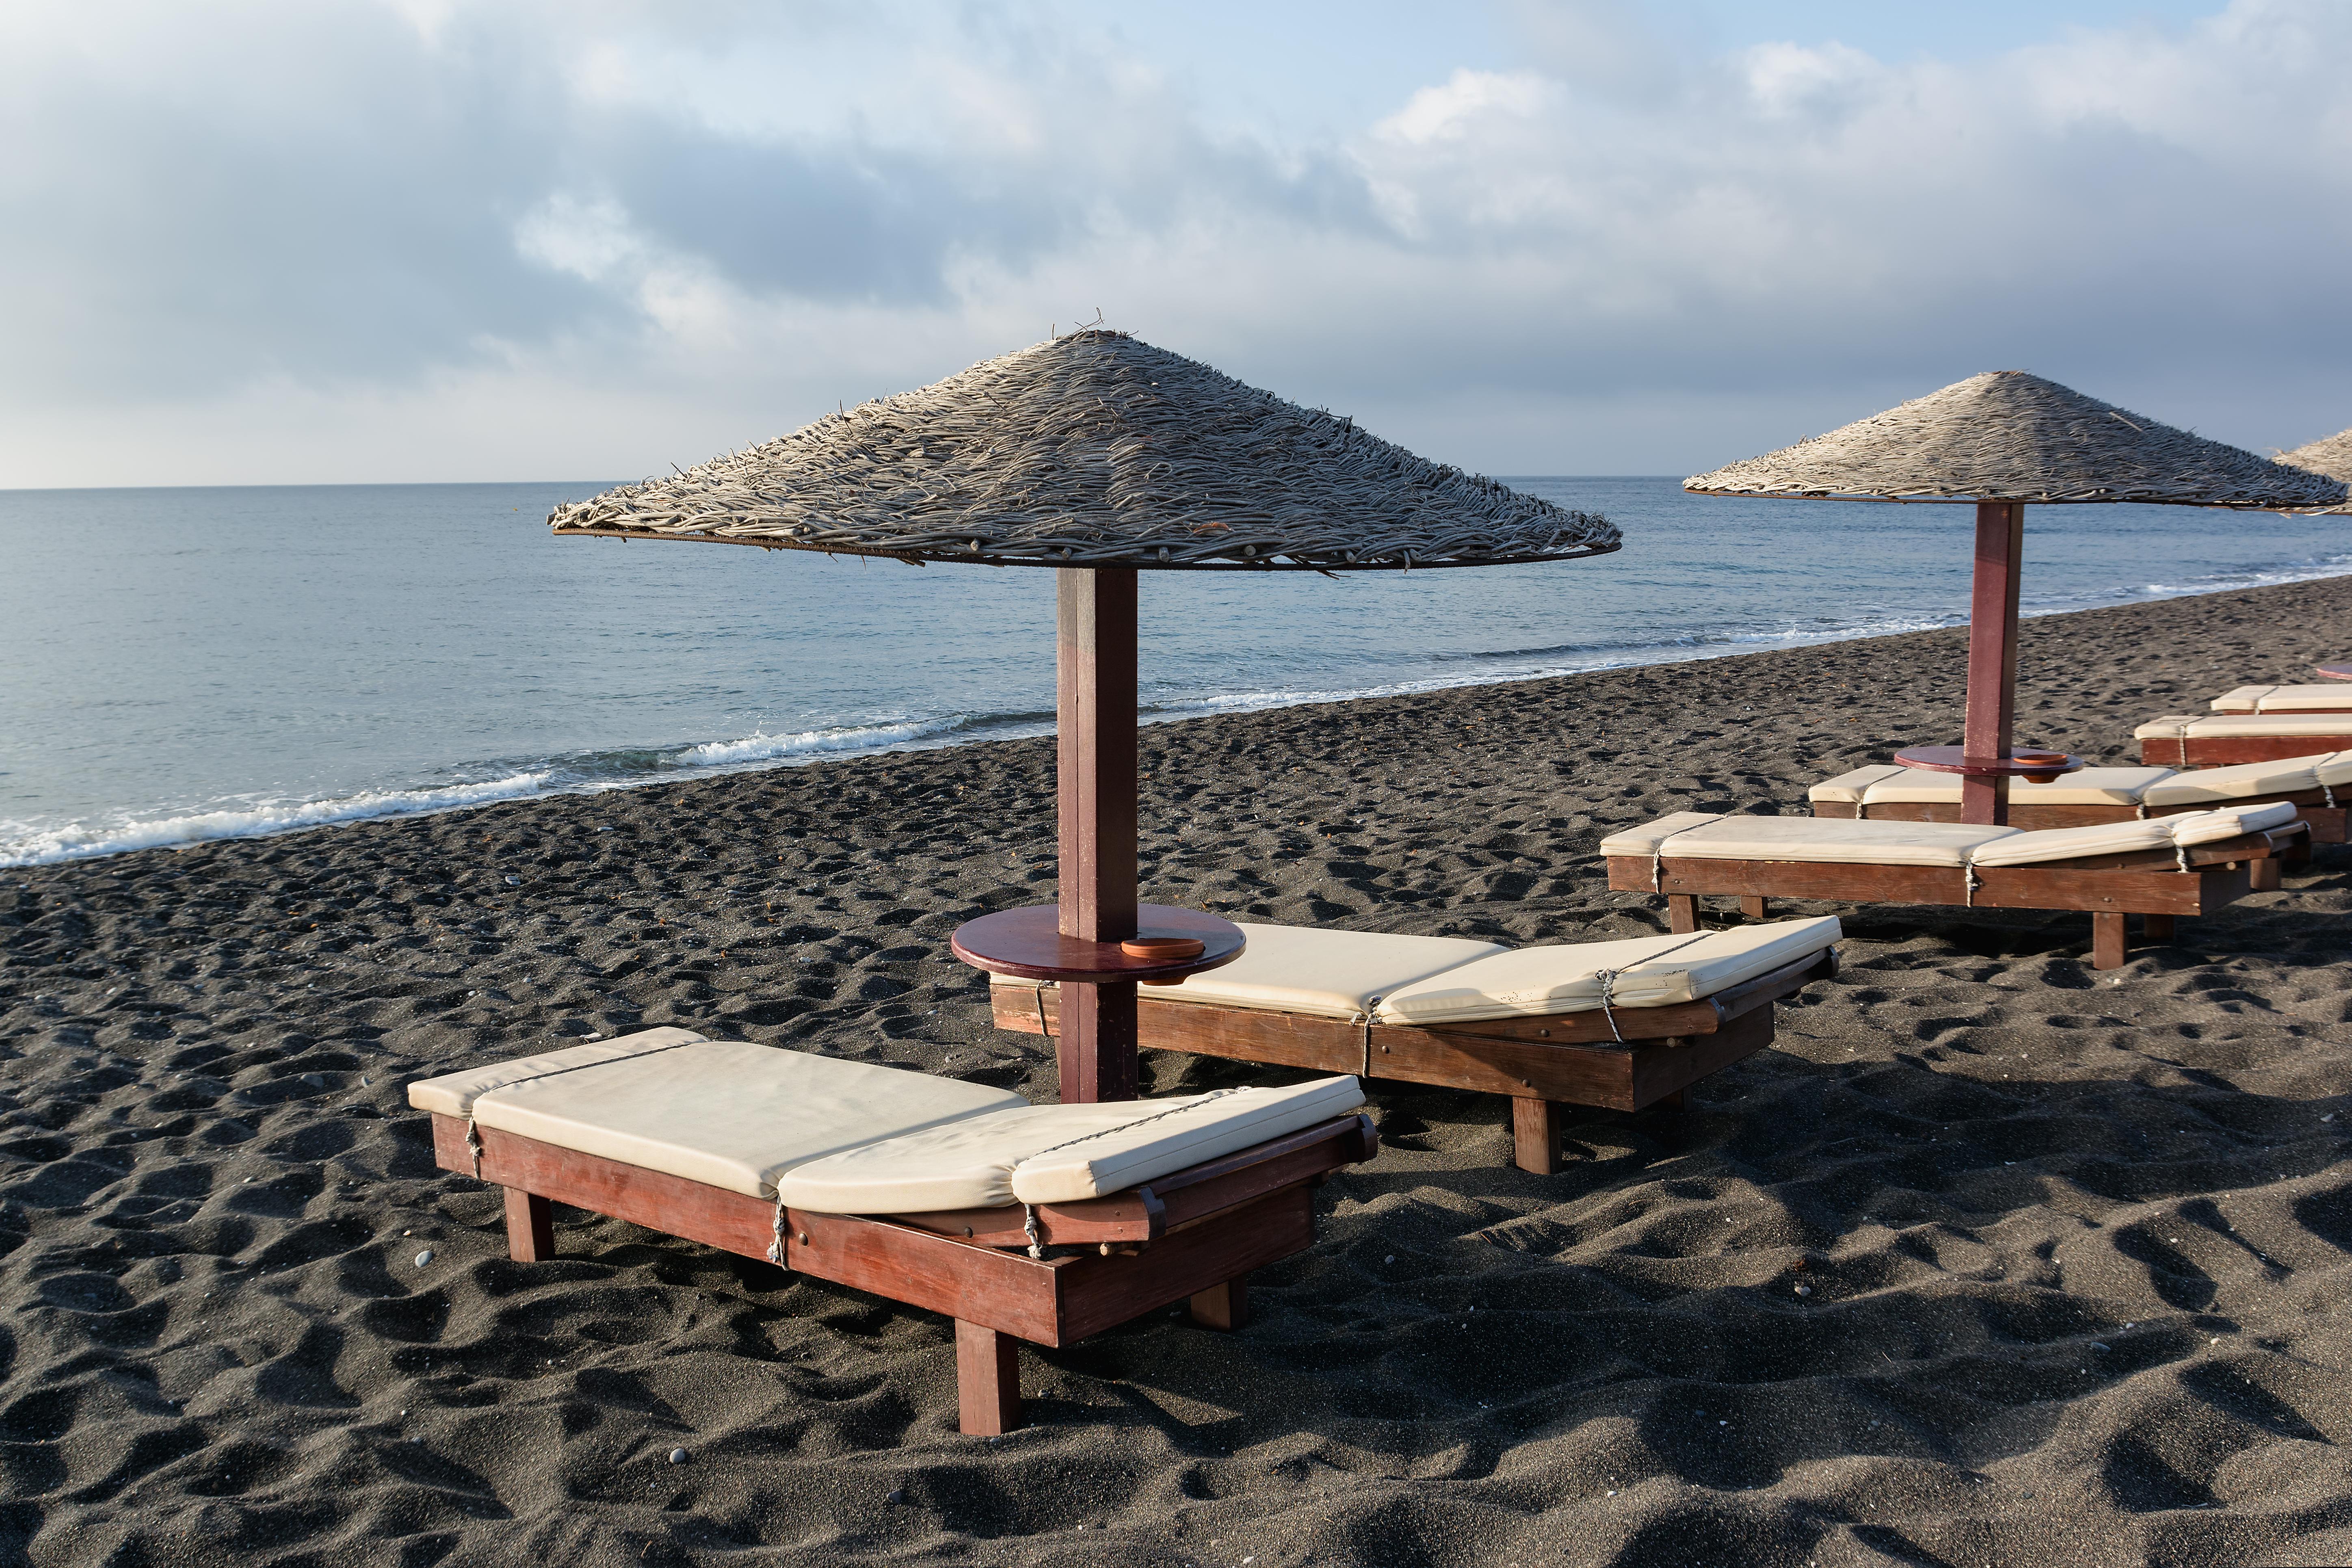 Elige una playa en Santorini: ¡seguro que aciertas! - Grecia Circuito Grecia Clásica, Santorini y Mikonos